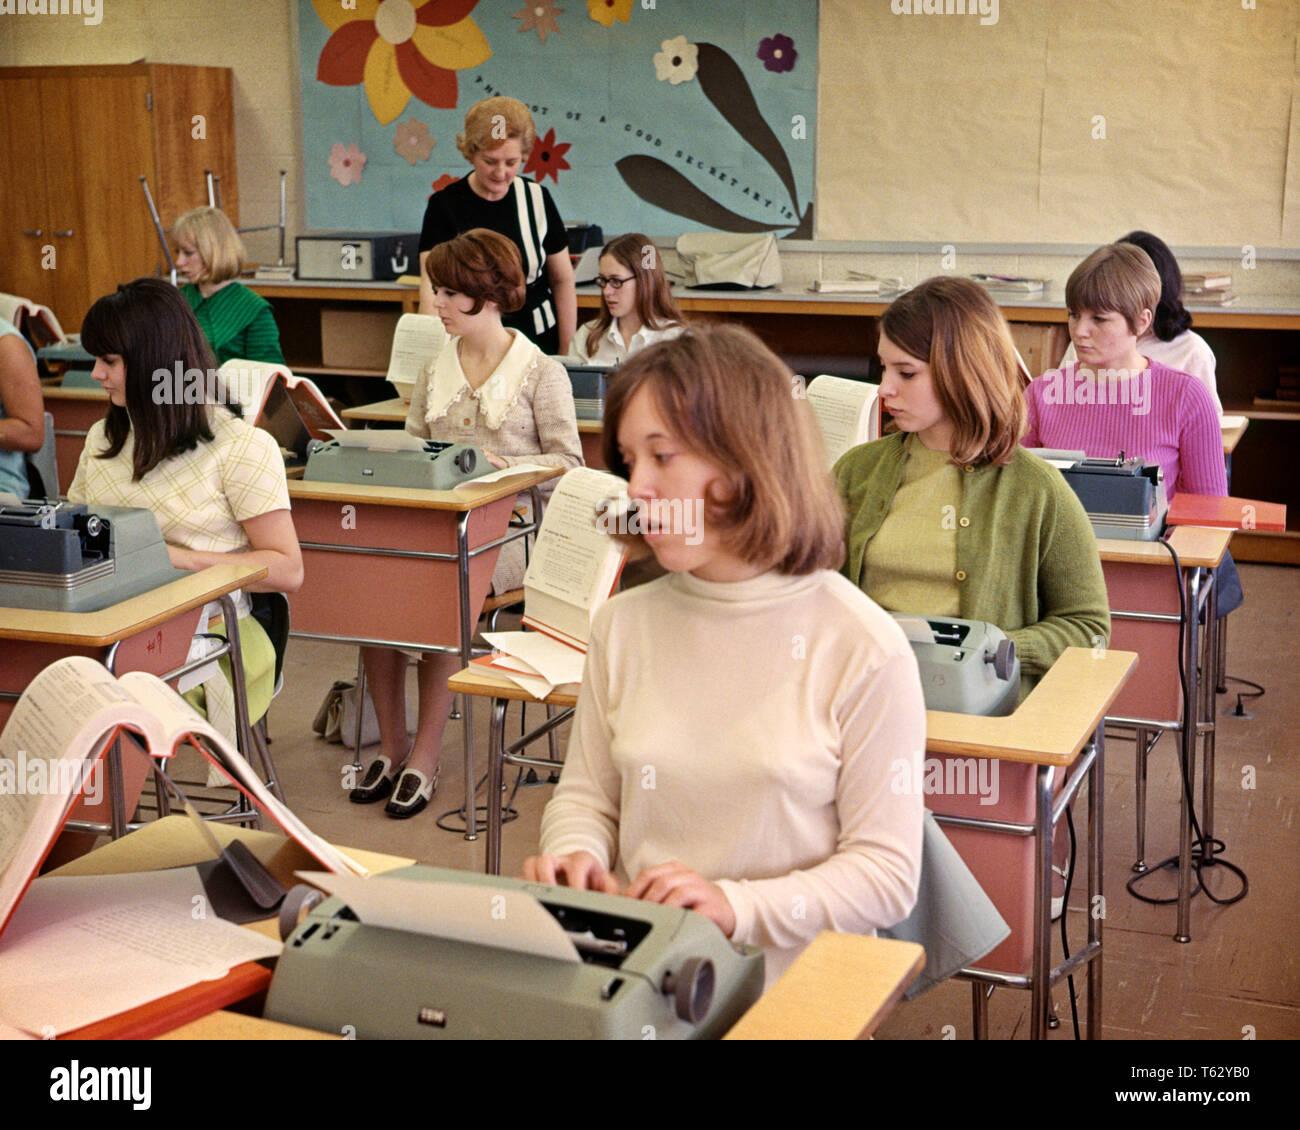 1960 TOUTES LES FILLES HIGH SCHOOL CLASS DE FRAPPE DES MACHINES À ÉCRIRE UN BUREAU TAPANT FEMME ENSEIGNANT FUTURS SECRÉTAIRES LES PRÉJUGÉS SEXISTES - KS6720 KRU001 PERSONNES HARS ADOLESCENTE MANUEL DES COMPÉTENCES OBJECTIFS D'UN BUREAU SECONDAIRE DACTYLOGRAPHIE SECRÉTARIAT PROFESSIONS ECOLES secrétaires dactylographes COOPÉRATION ADOLESCENTS MINEURS GENRE MID-ADULT MID-ADULT WOMAN Origine ethnique Caucasienne sexiste old fashioned Photo Stock